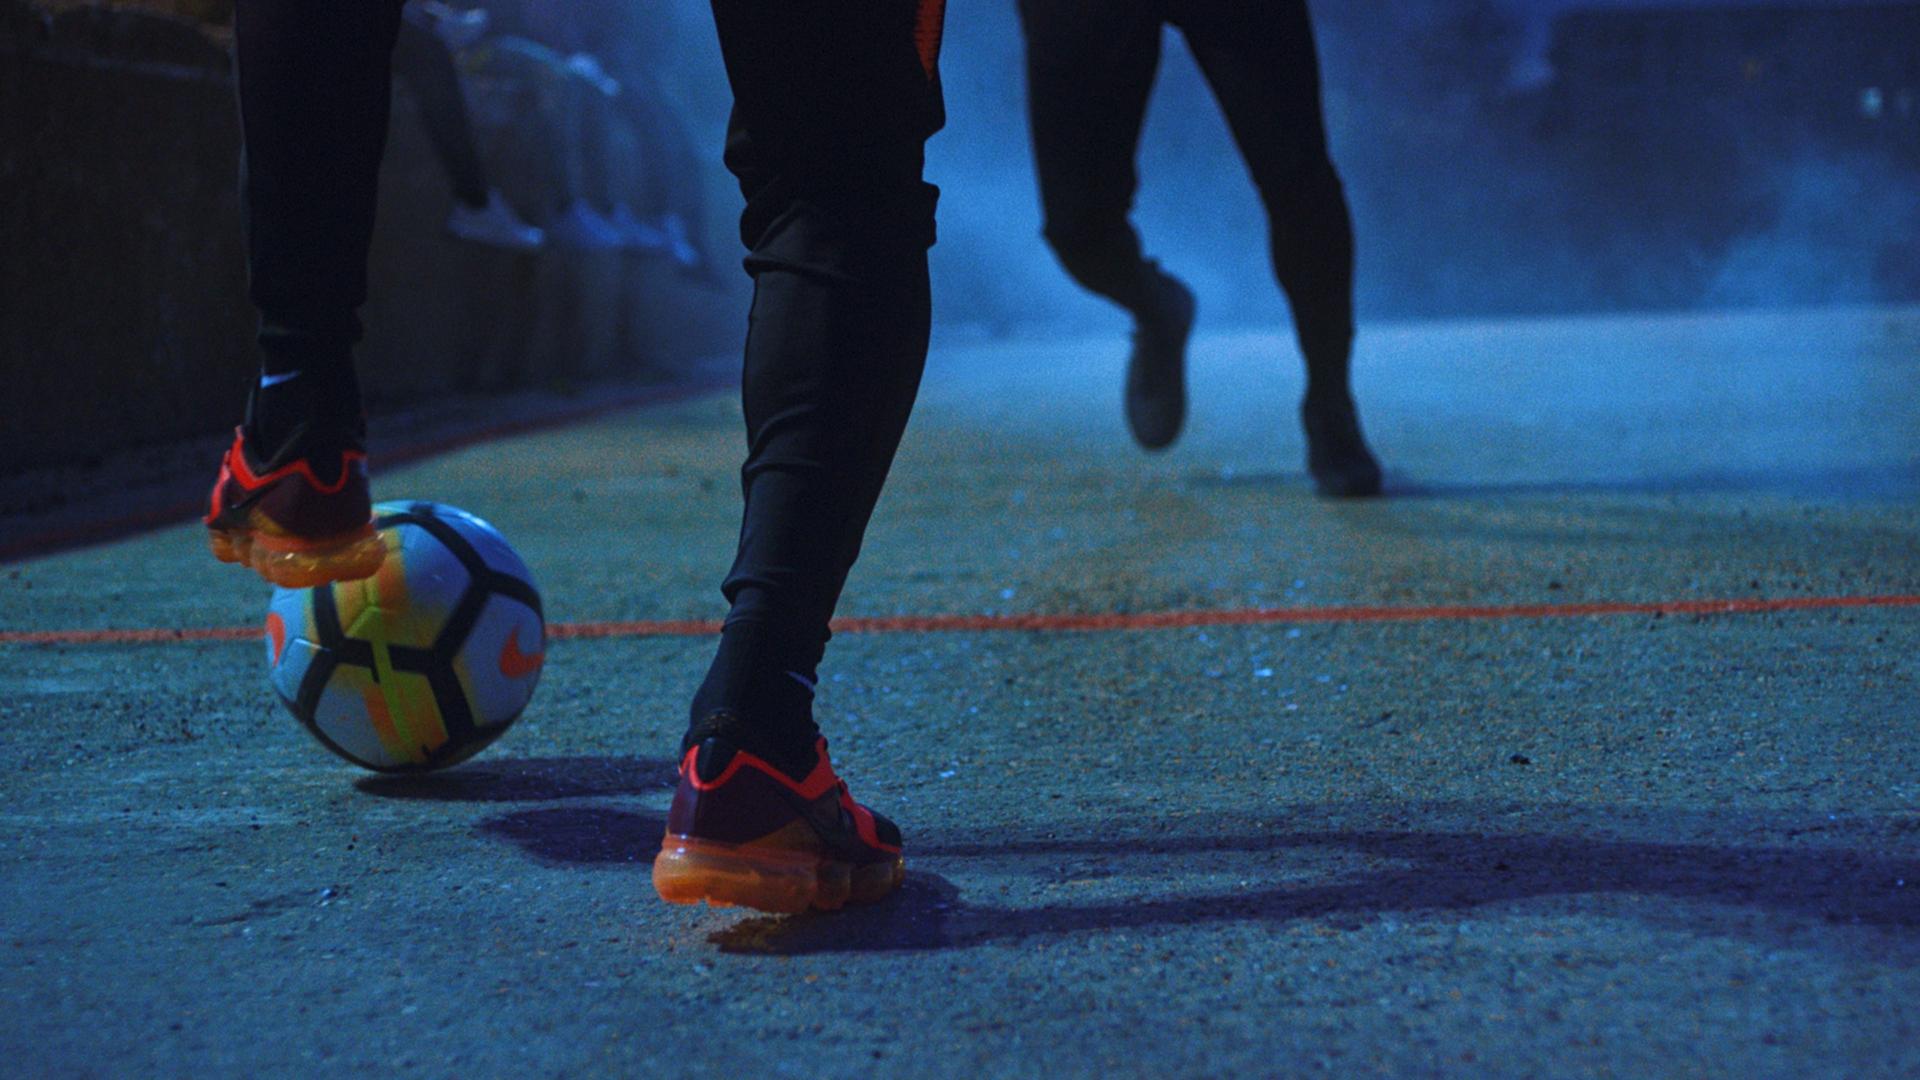 Nike_1.63.1.JPG